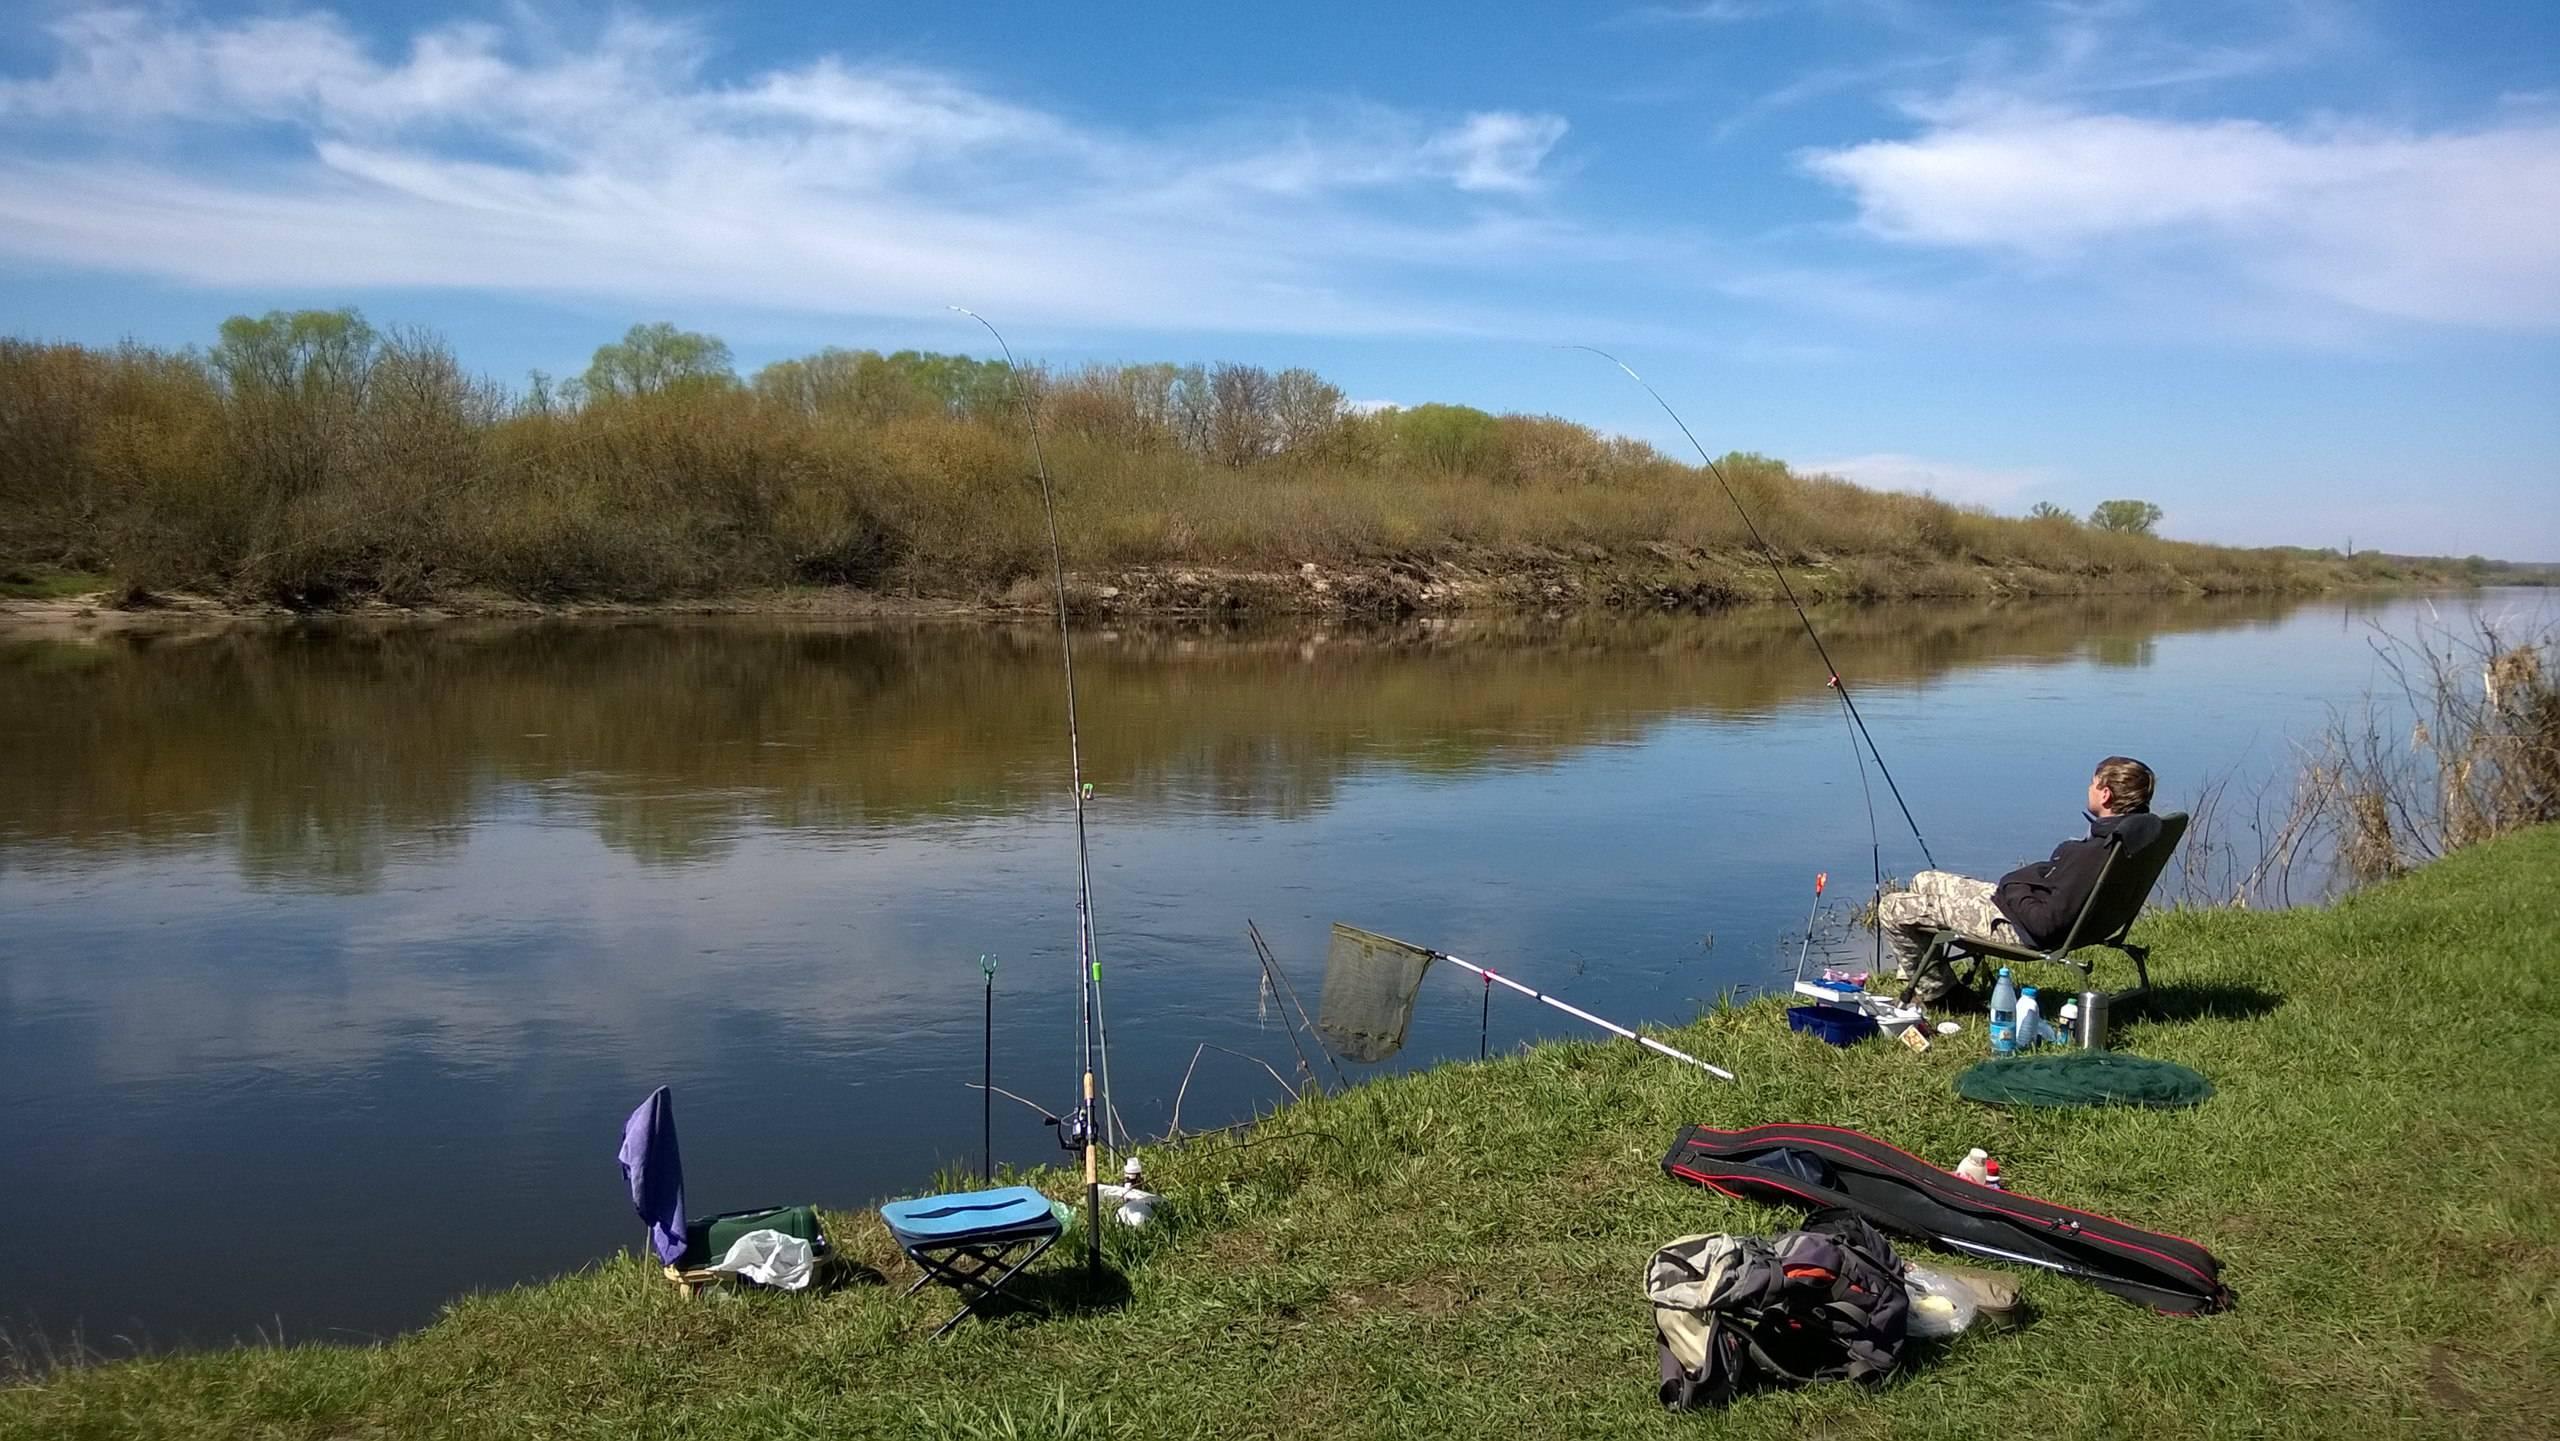 Рыбалка в ростове-на-дону и ростовской области: ловля раков и рыбы, рогожкино и другие места. куда поехать на рыбалку с проживанием?